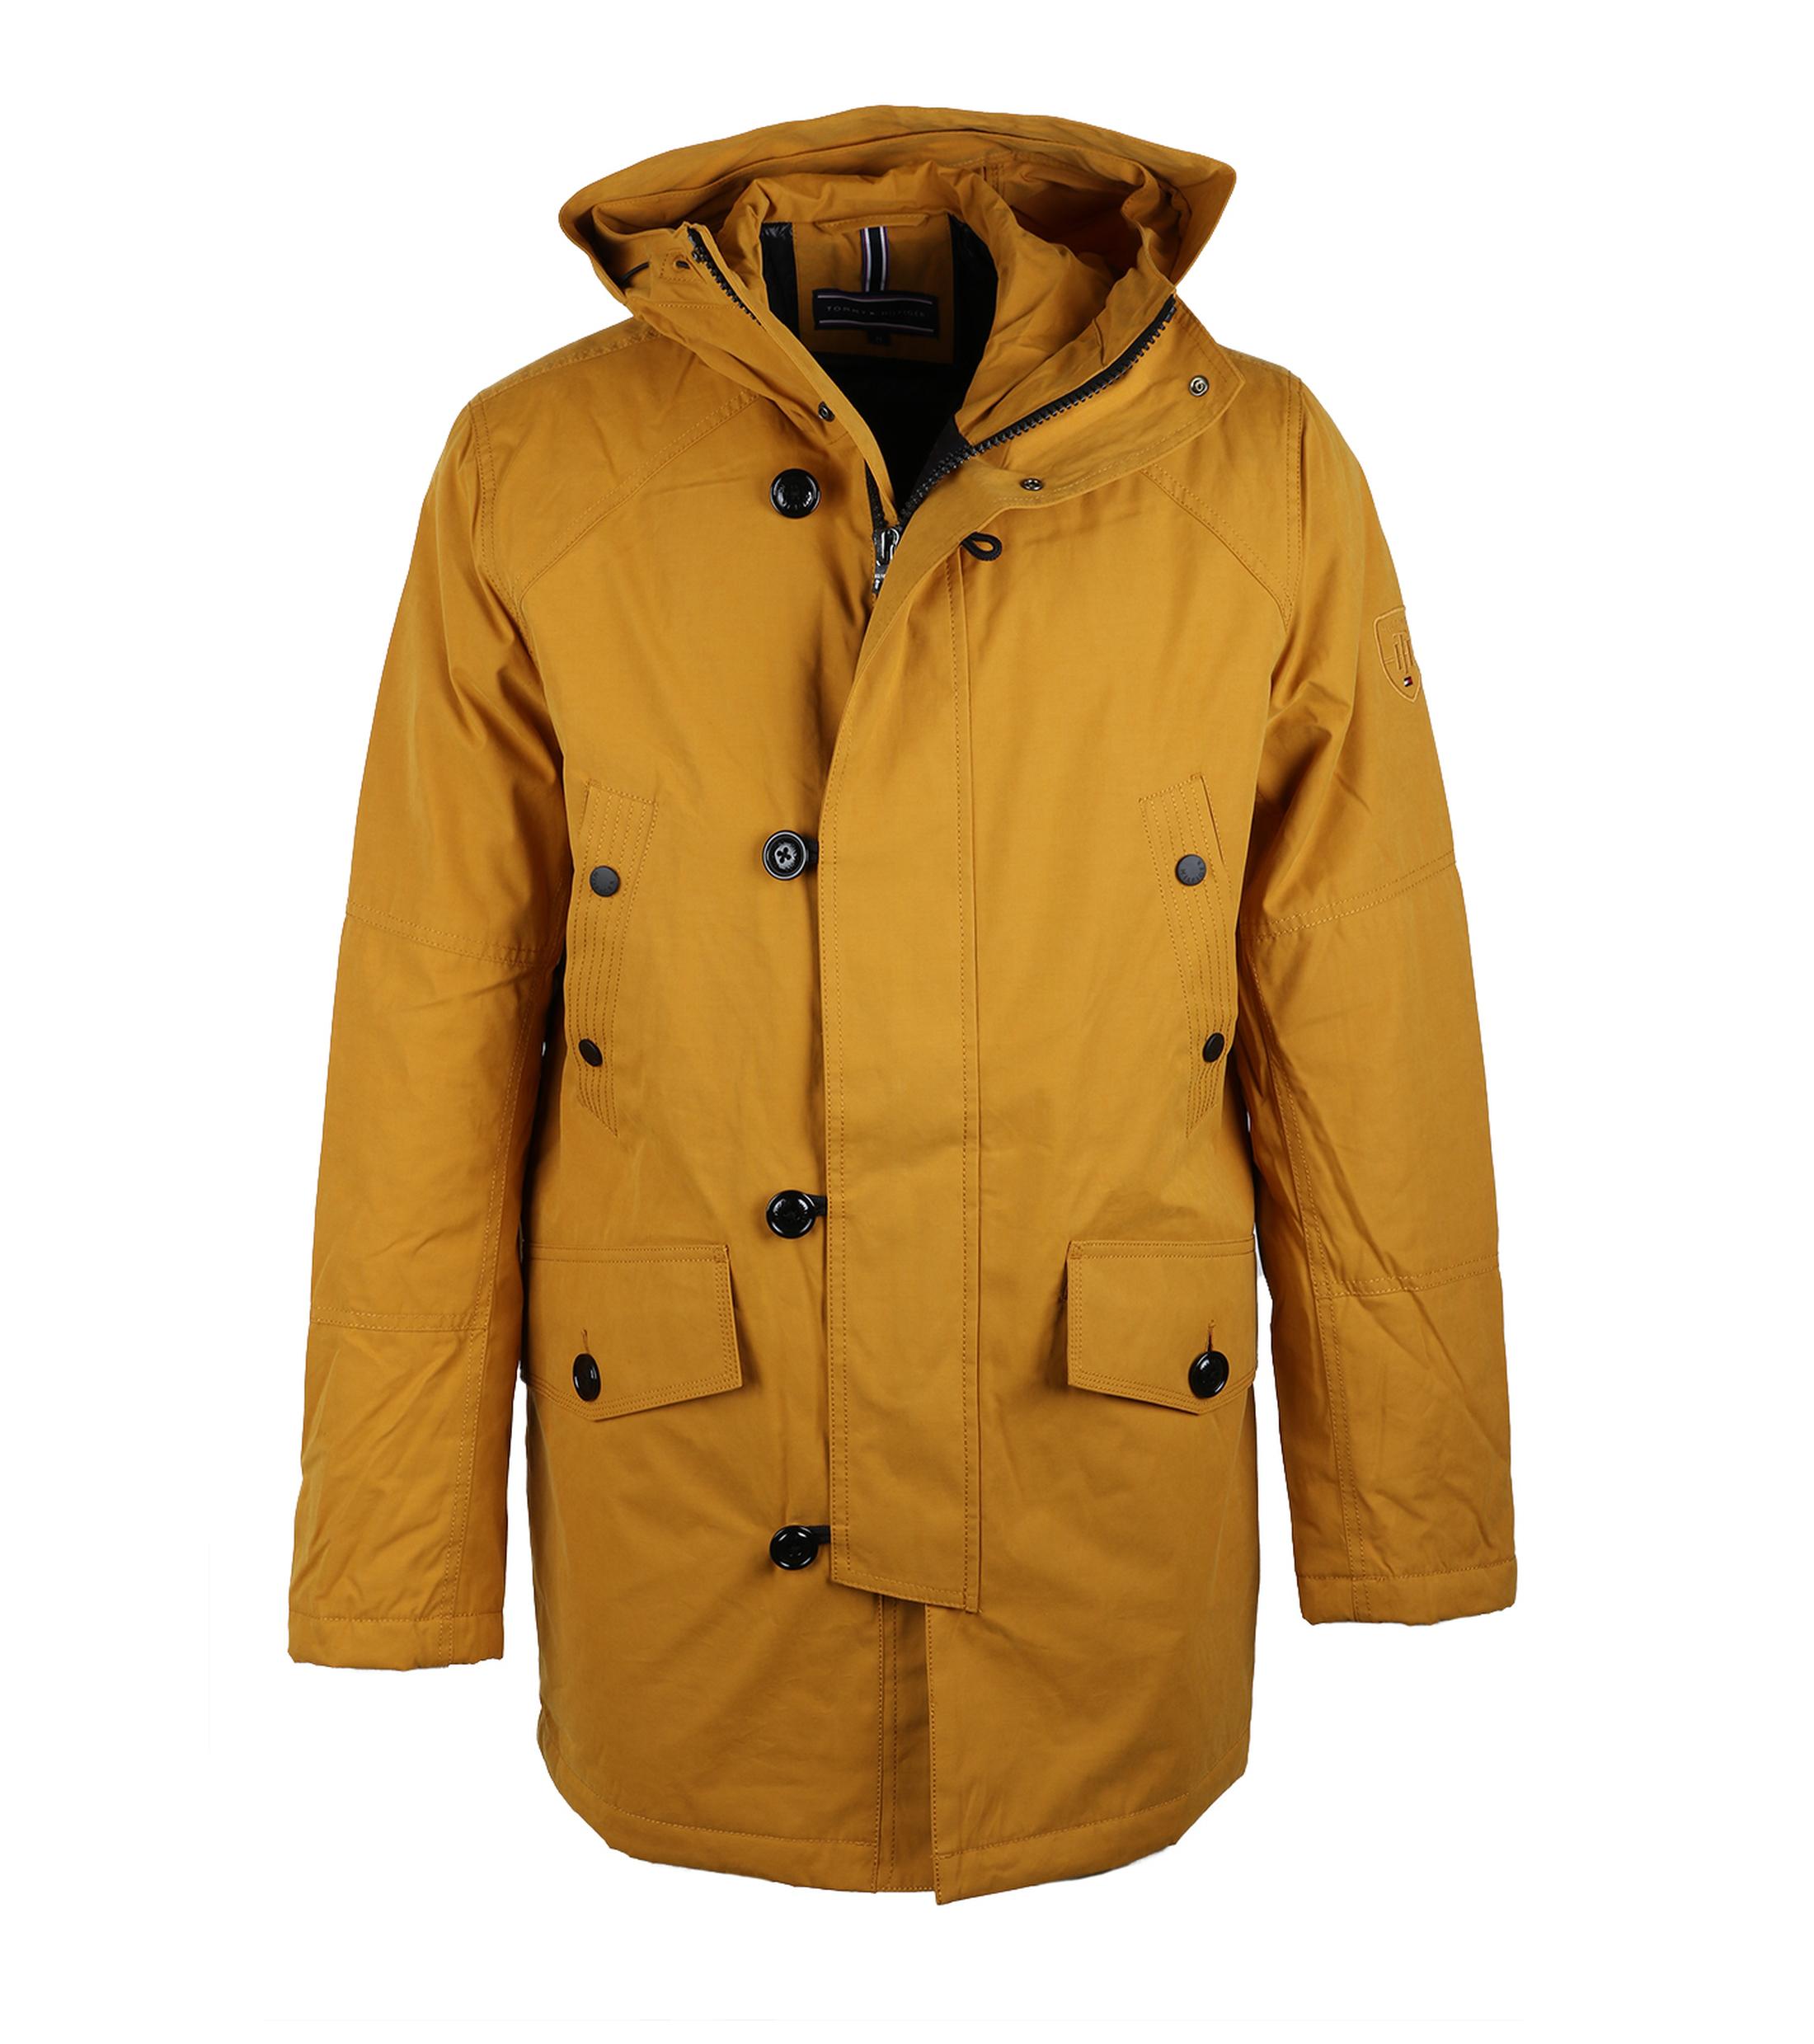 Tommy hilfiger shane winterjas for Designhotel maastricht comfort xl